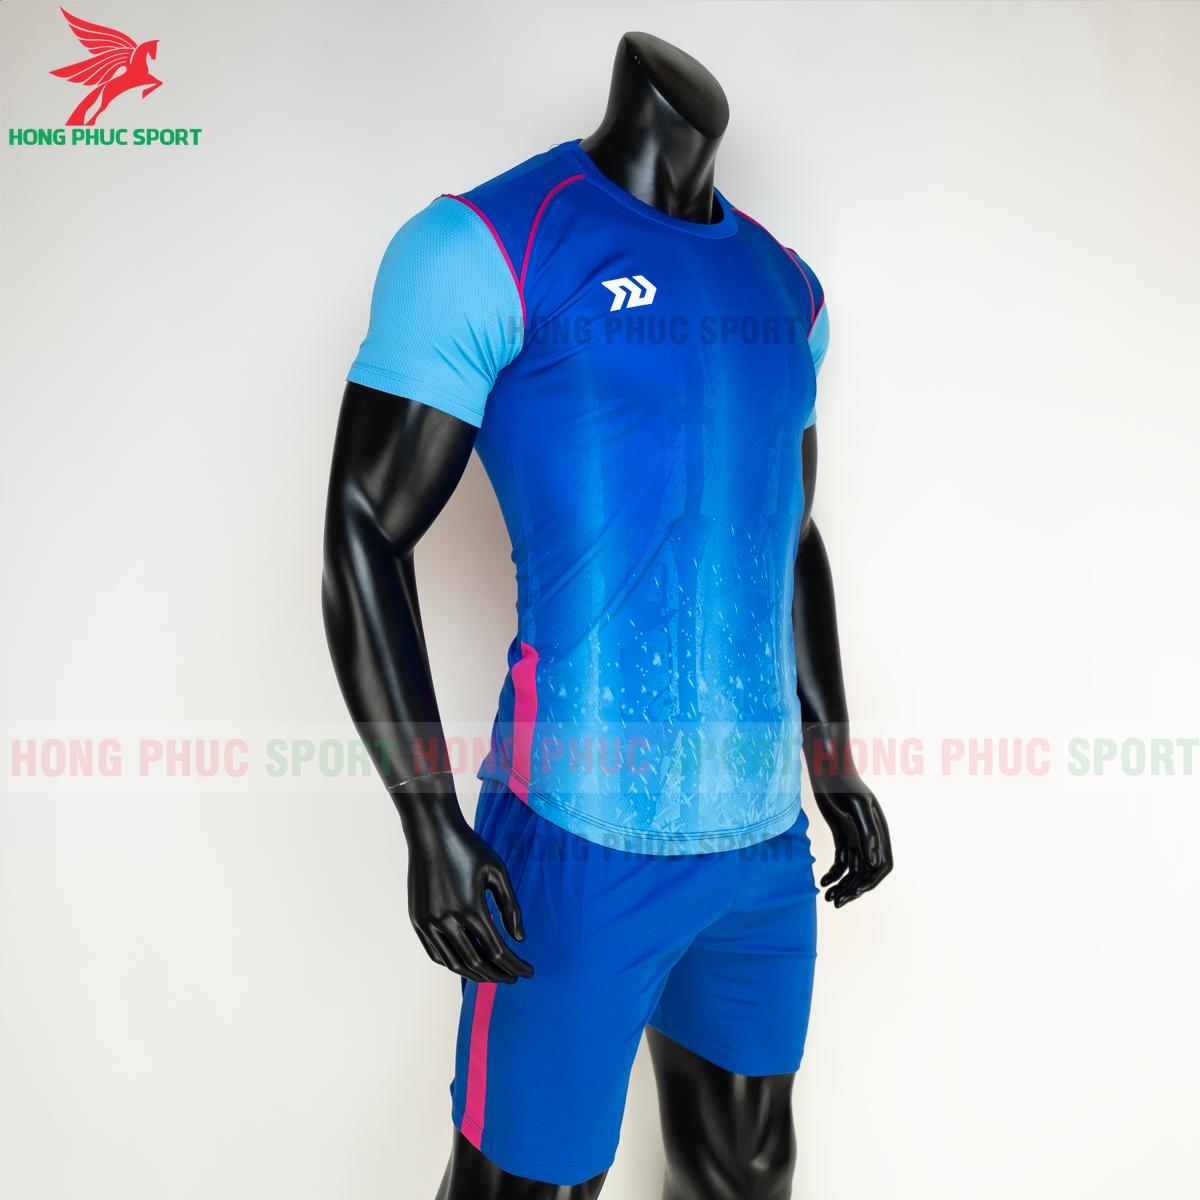 https://cdn.hongphucsport.com/unsafe/s4.shopbay.vn/files/285/ao-bong-da-khong-logo-bulbal-hades-mau-xanh-duong-6-604f32fd7c897.png